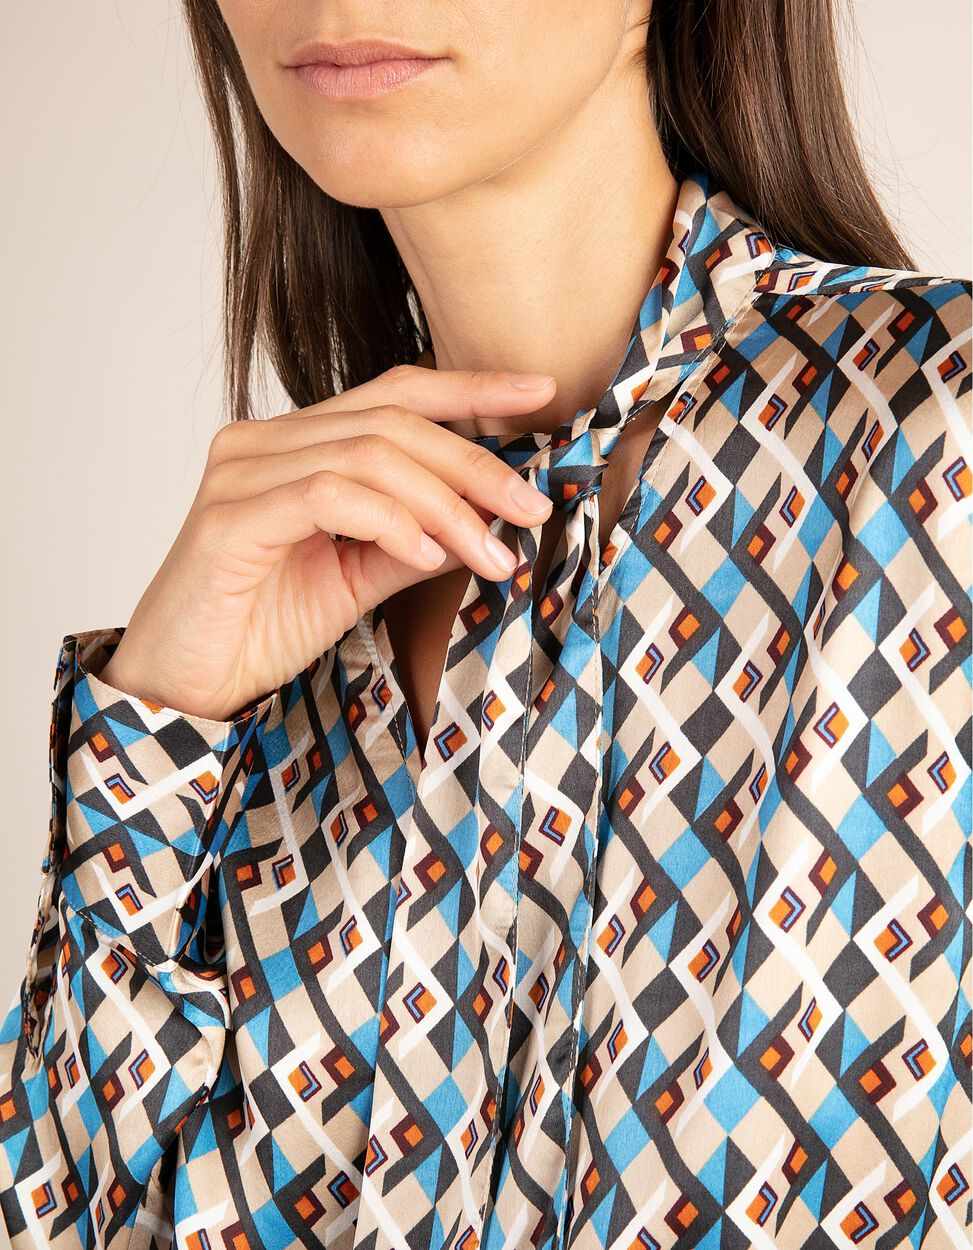 Blusa com padrão geométrico e laçada